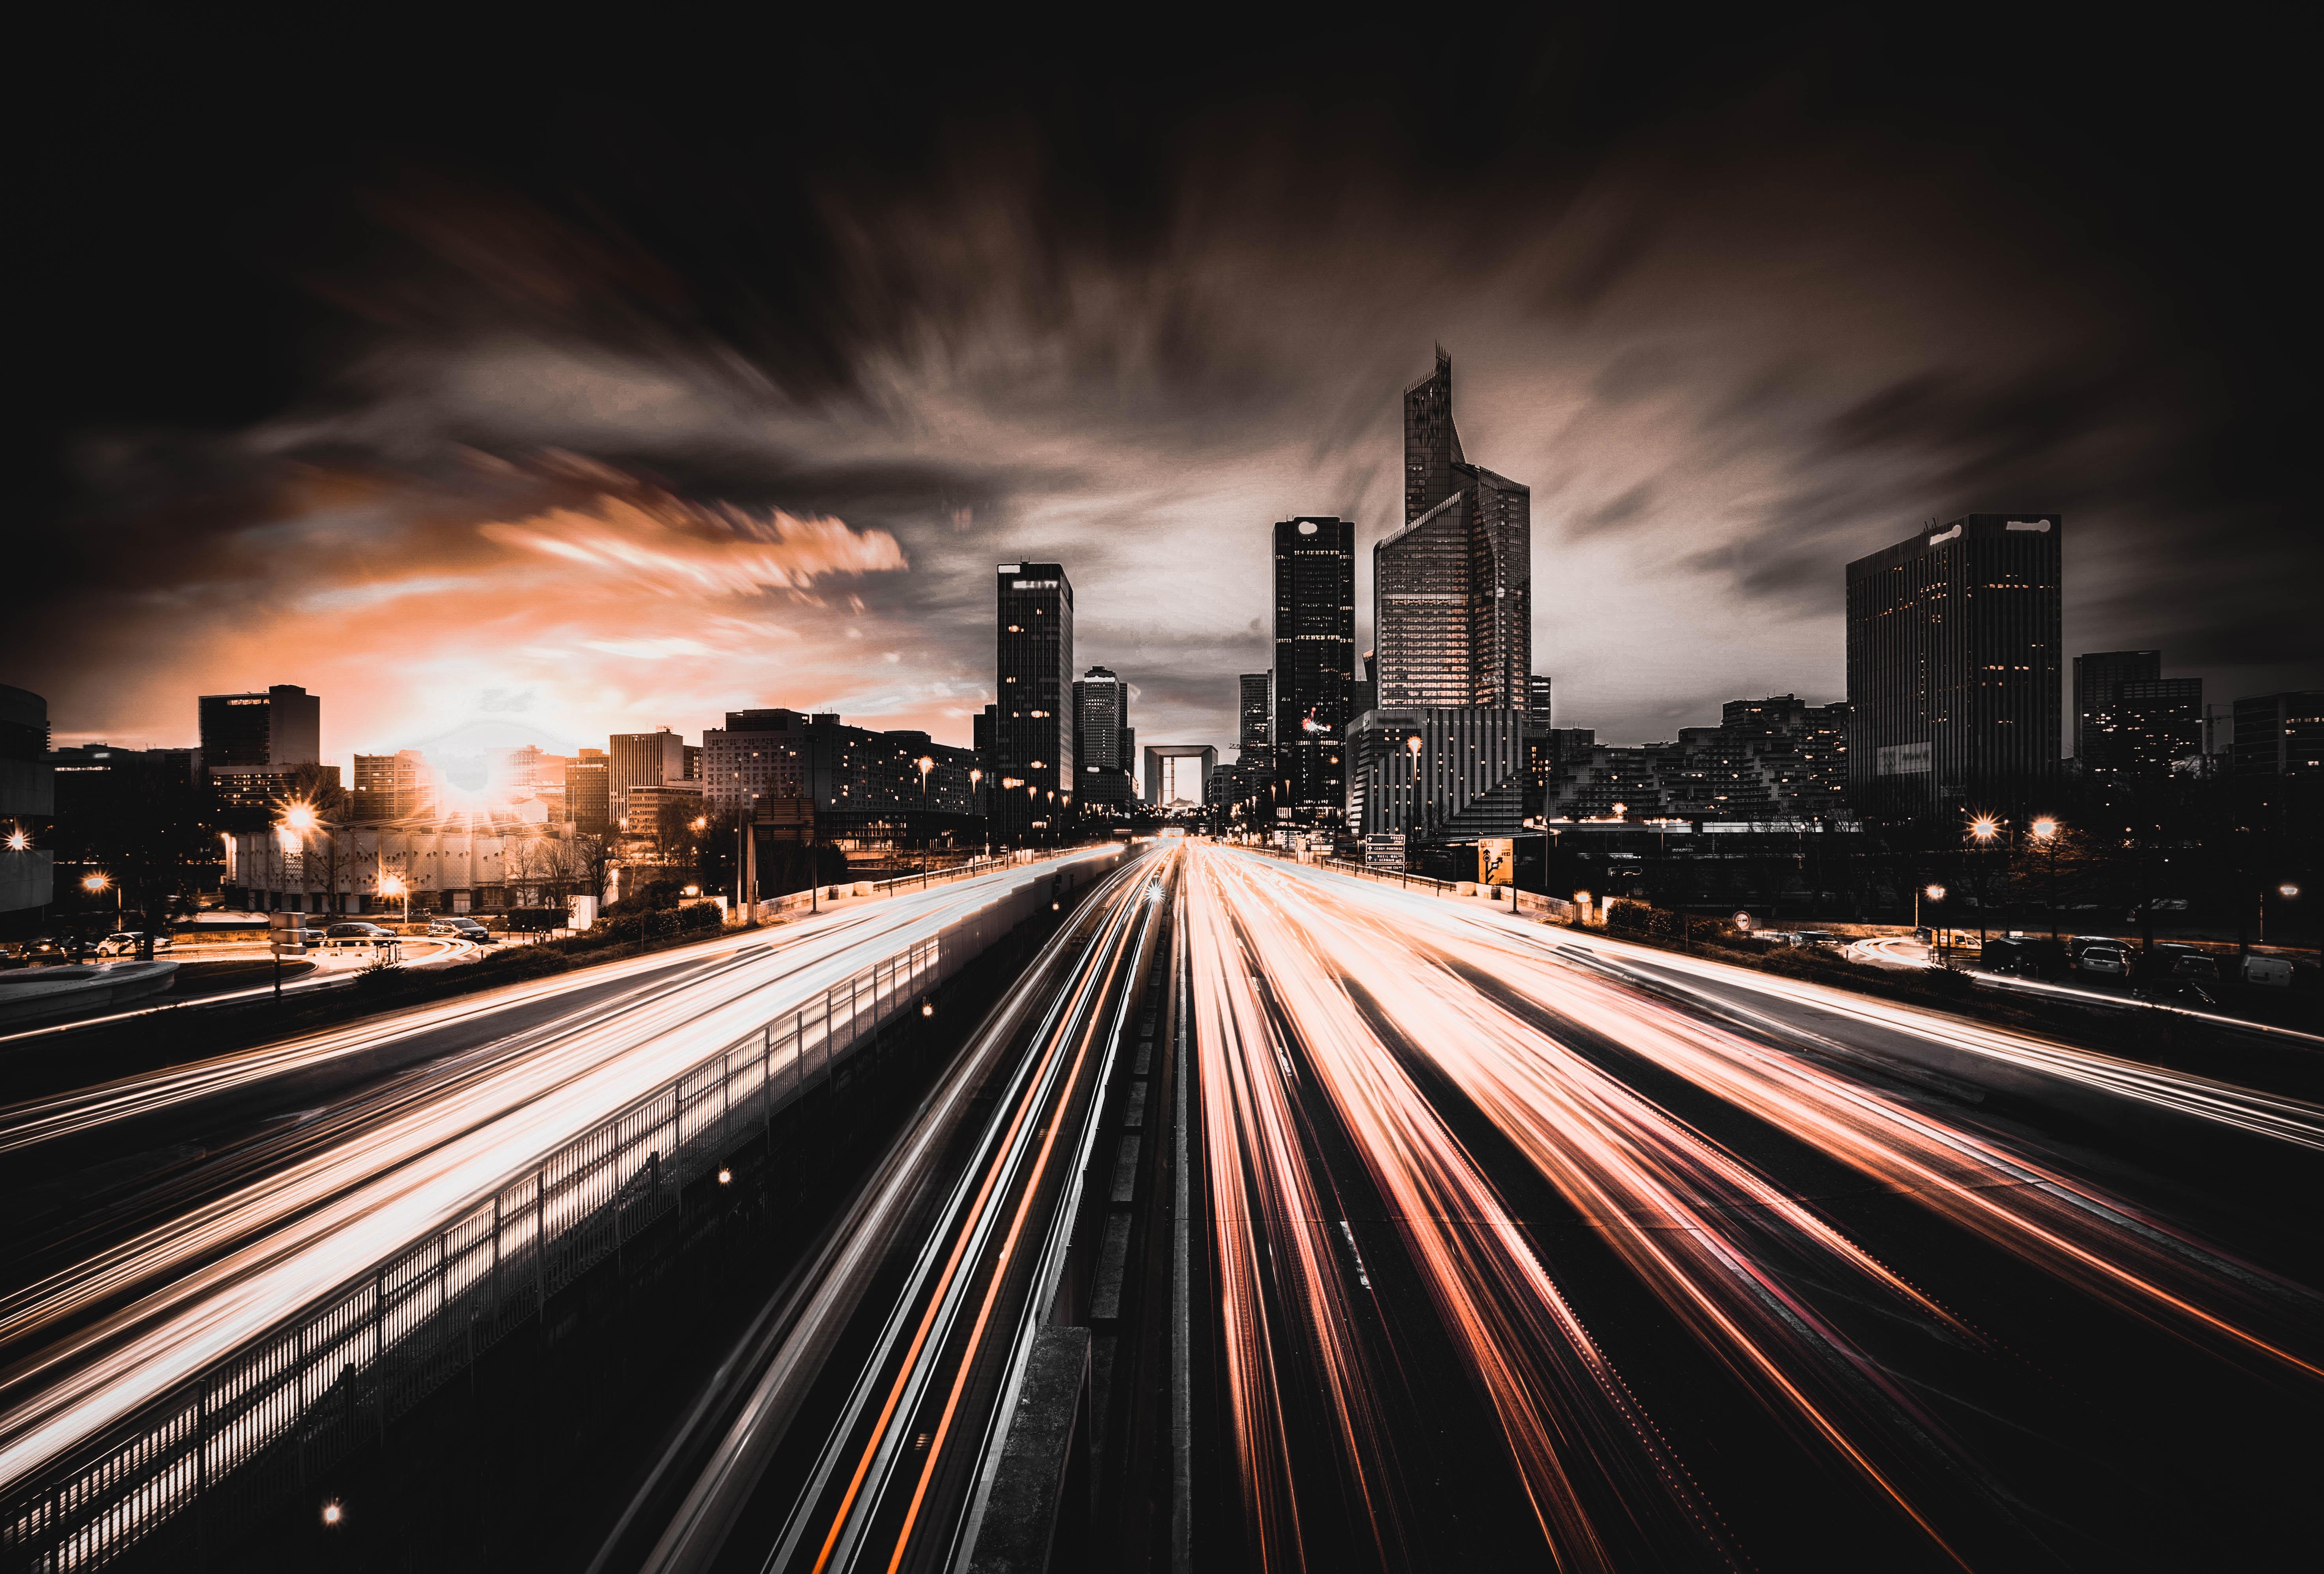 Картинка ночной город на рабочий стол дорога